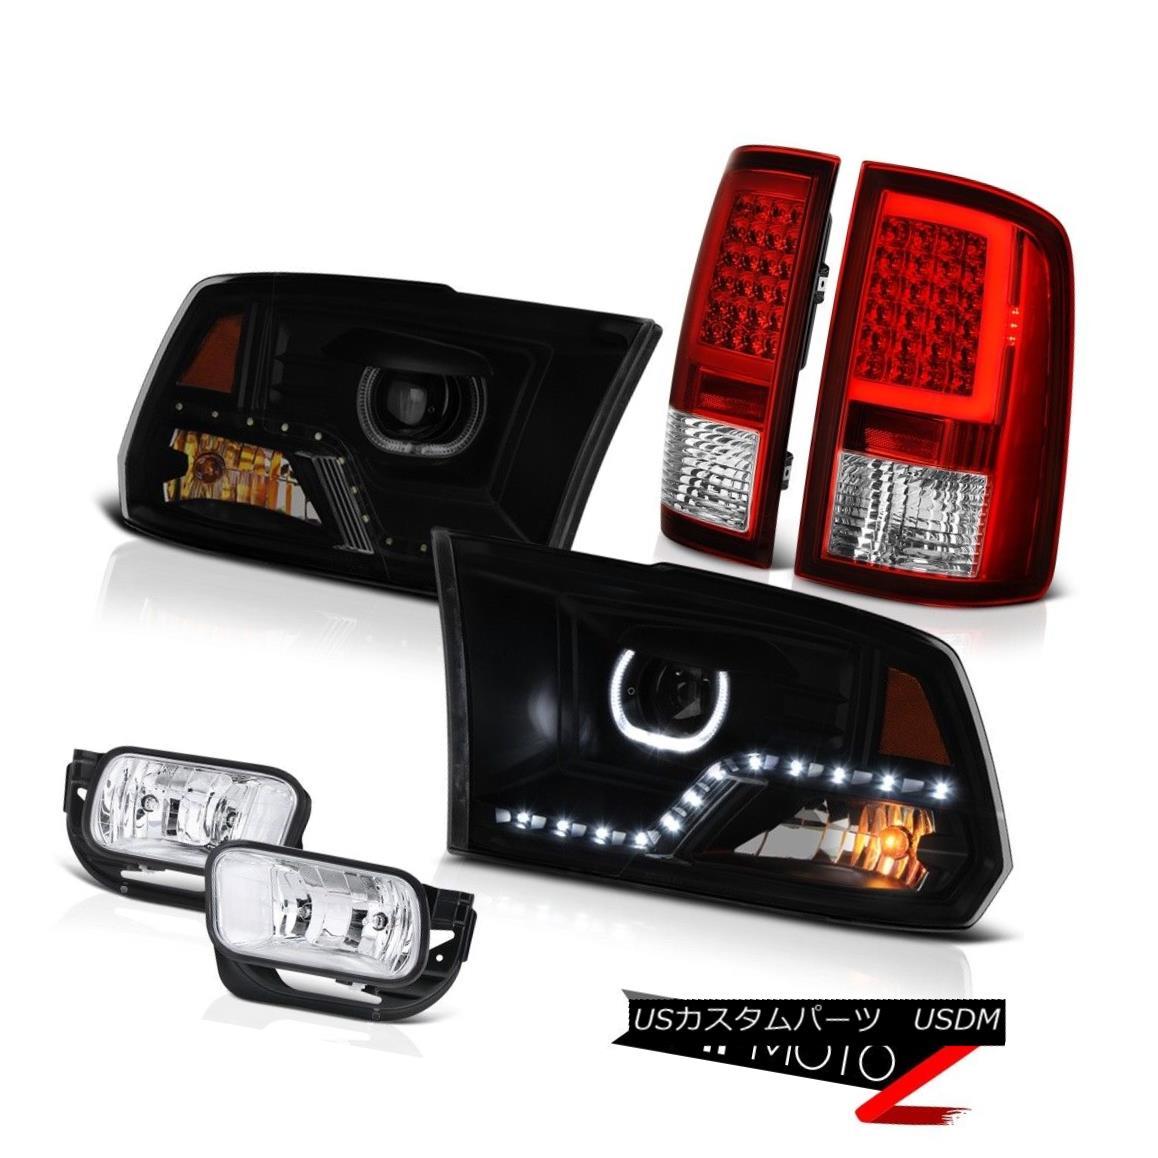 ヘッドライト 09 10 11 12 13-18 Dodge RAM 2500 3500 Fiber Optic Tail Light Head Lamps Driving 09 10 11 12 13-18 Dodge RAM 2500 3500光ファイバーテールライトヘッドランプ